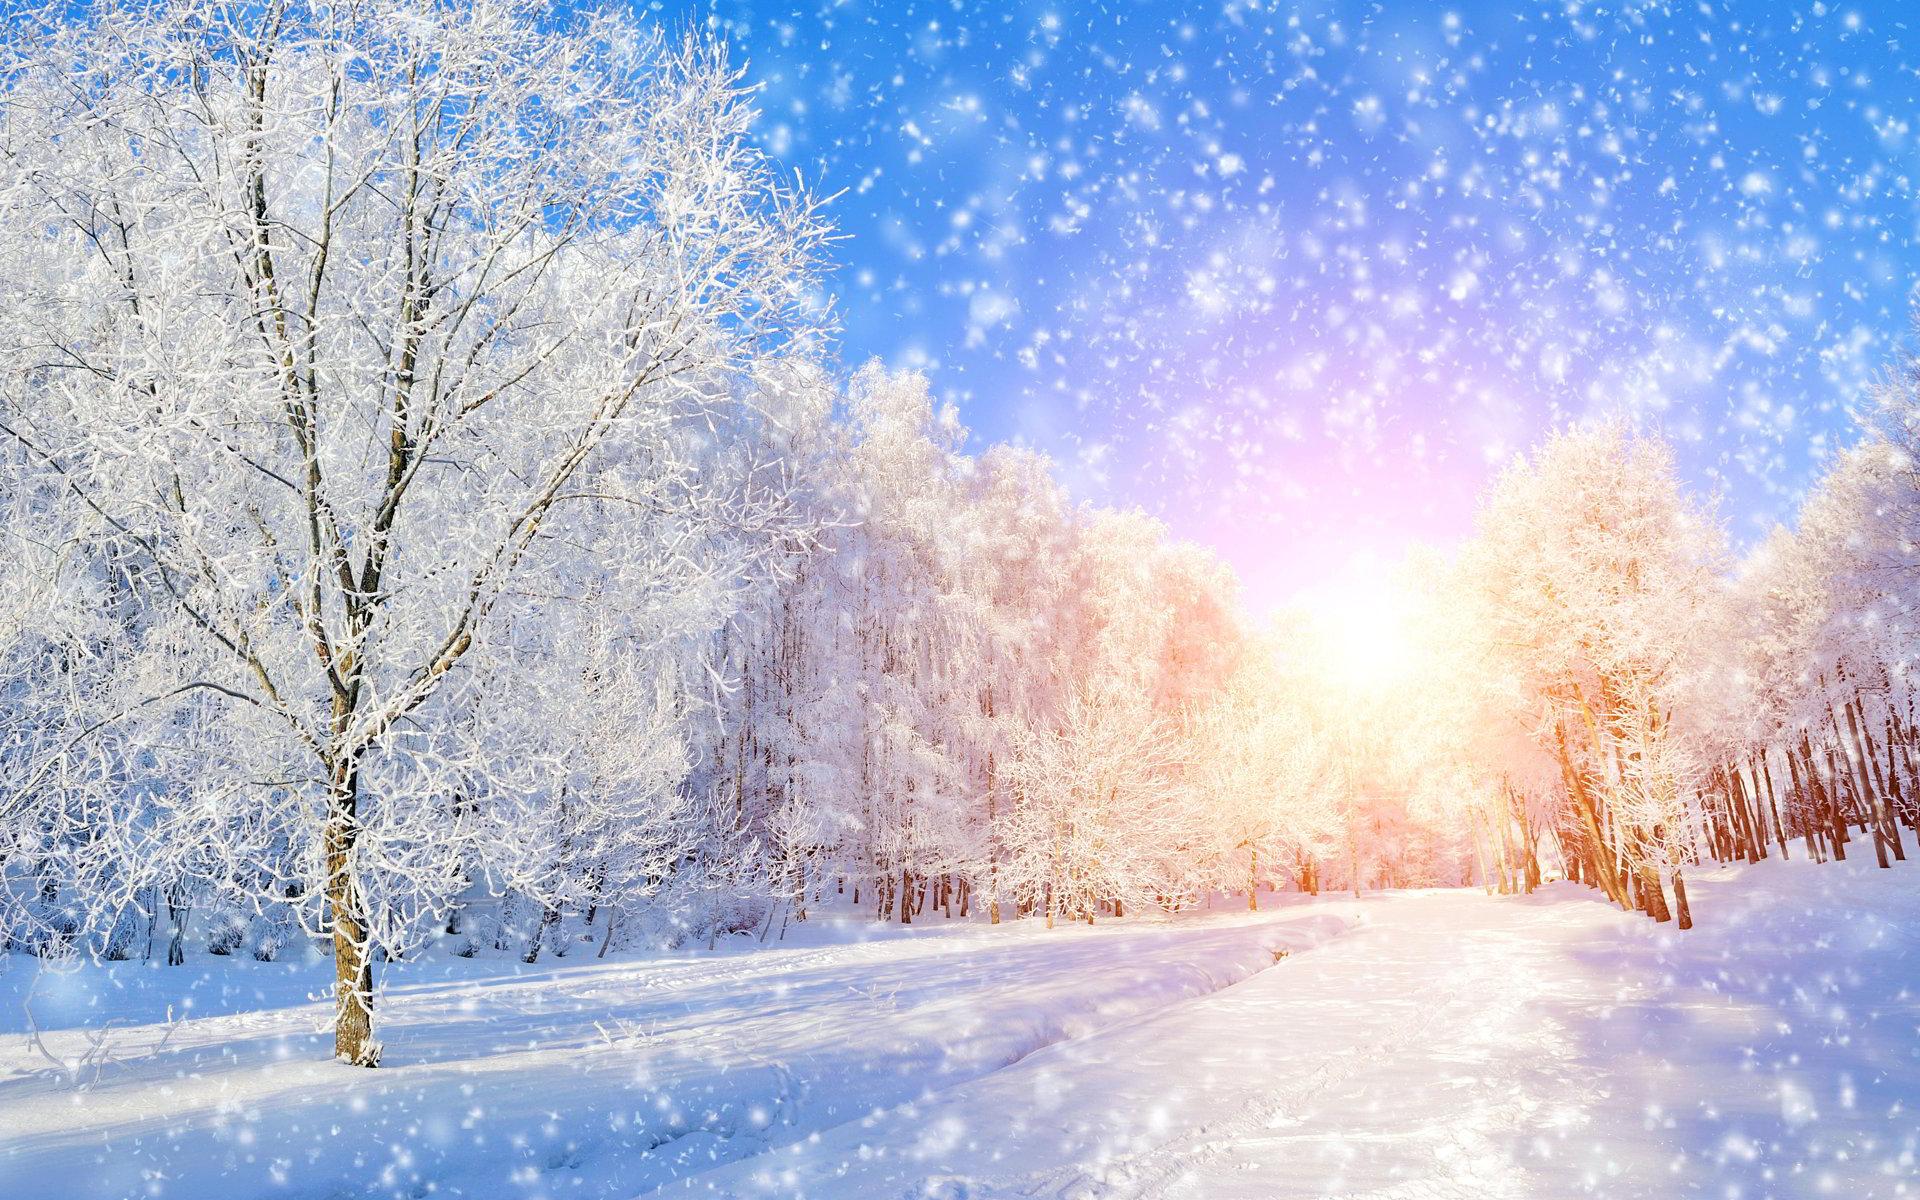 Trên đây là bộ sưu tập những hình nền về mùa đông đẹp nhất trên thế giới không thể cưỡng lại được. Nếu bạn yêu thích và muốn đặt chúng làm hình ...